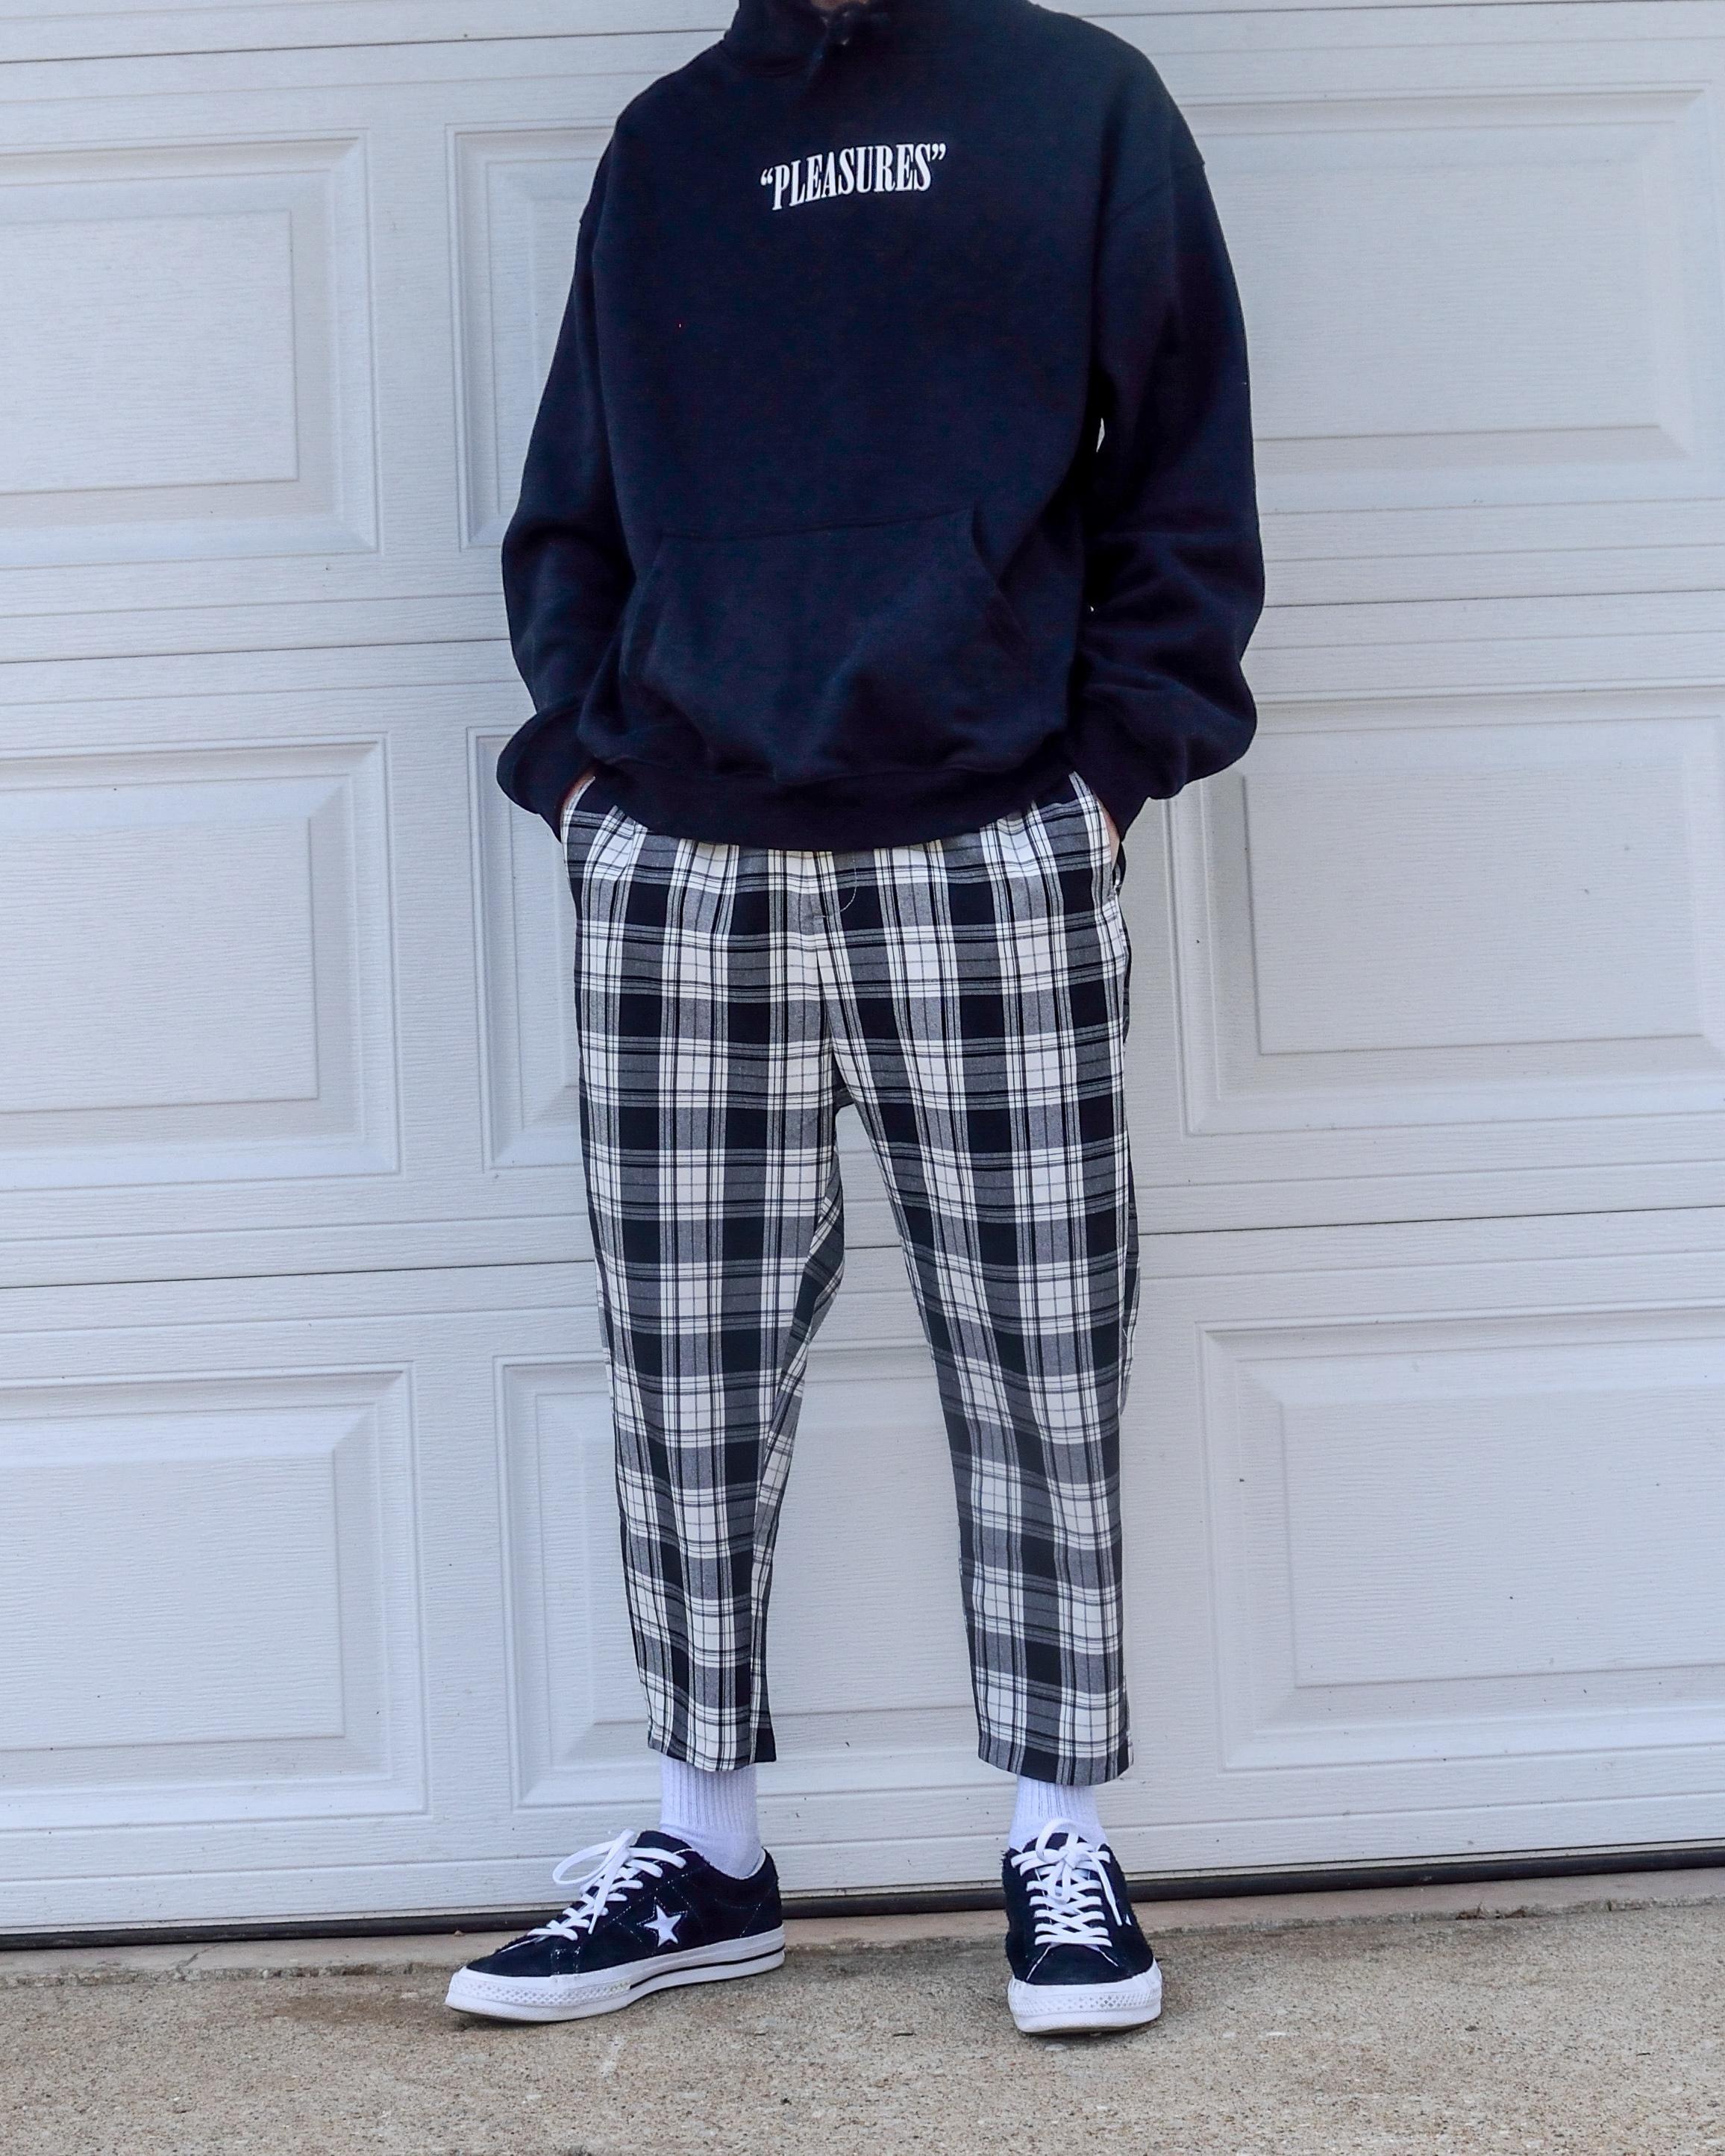 [WDYWT] first post since whitelist be gone Streetwear